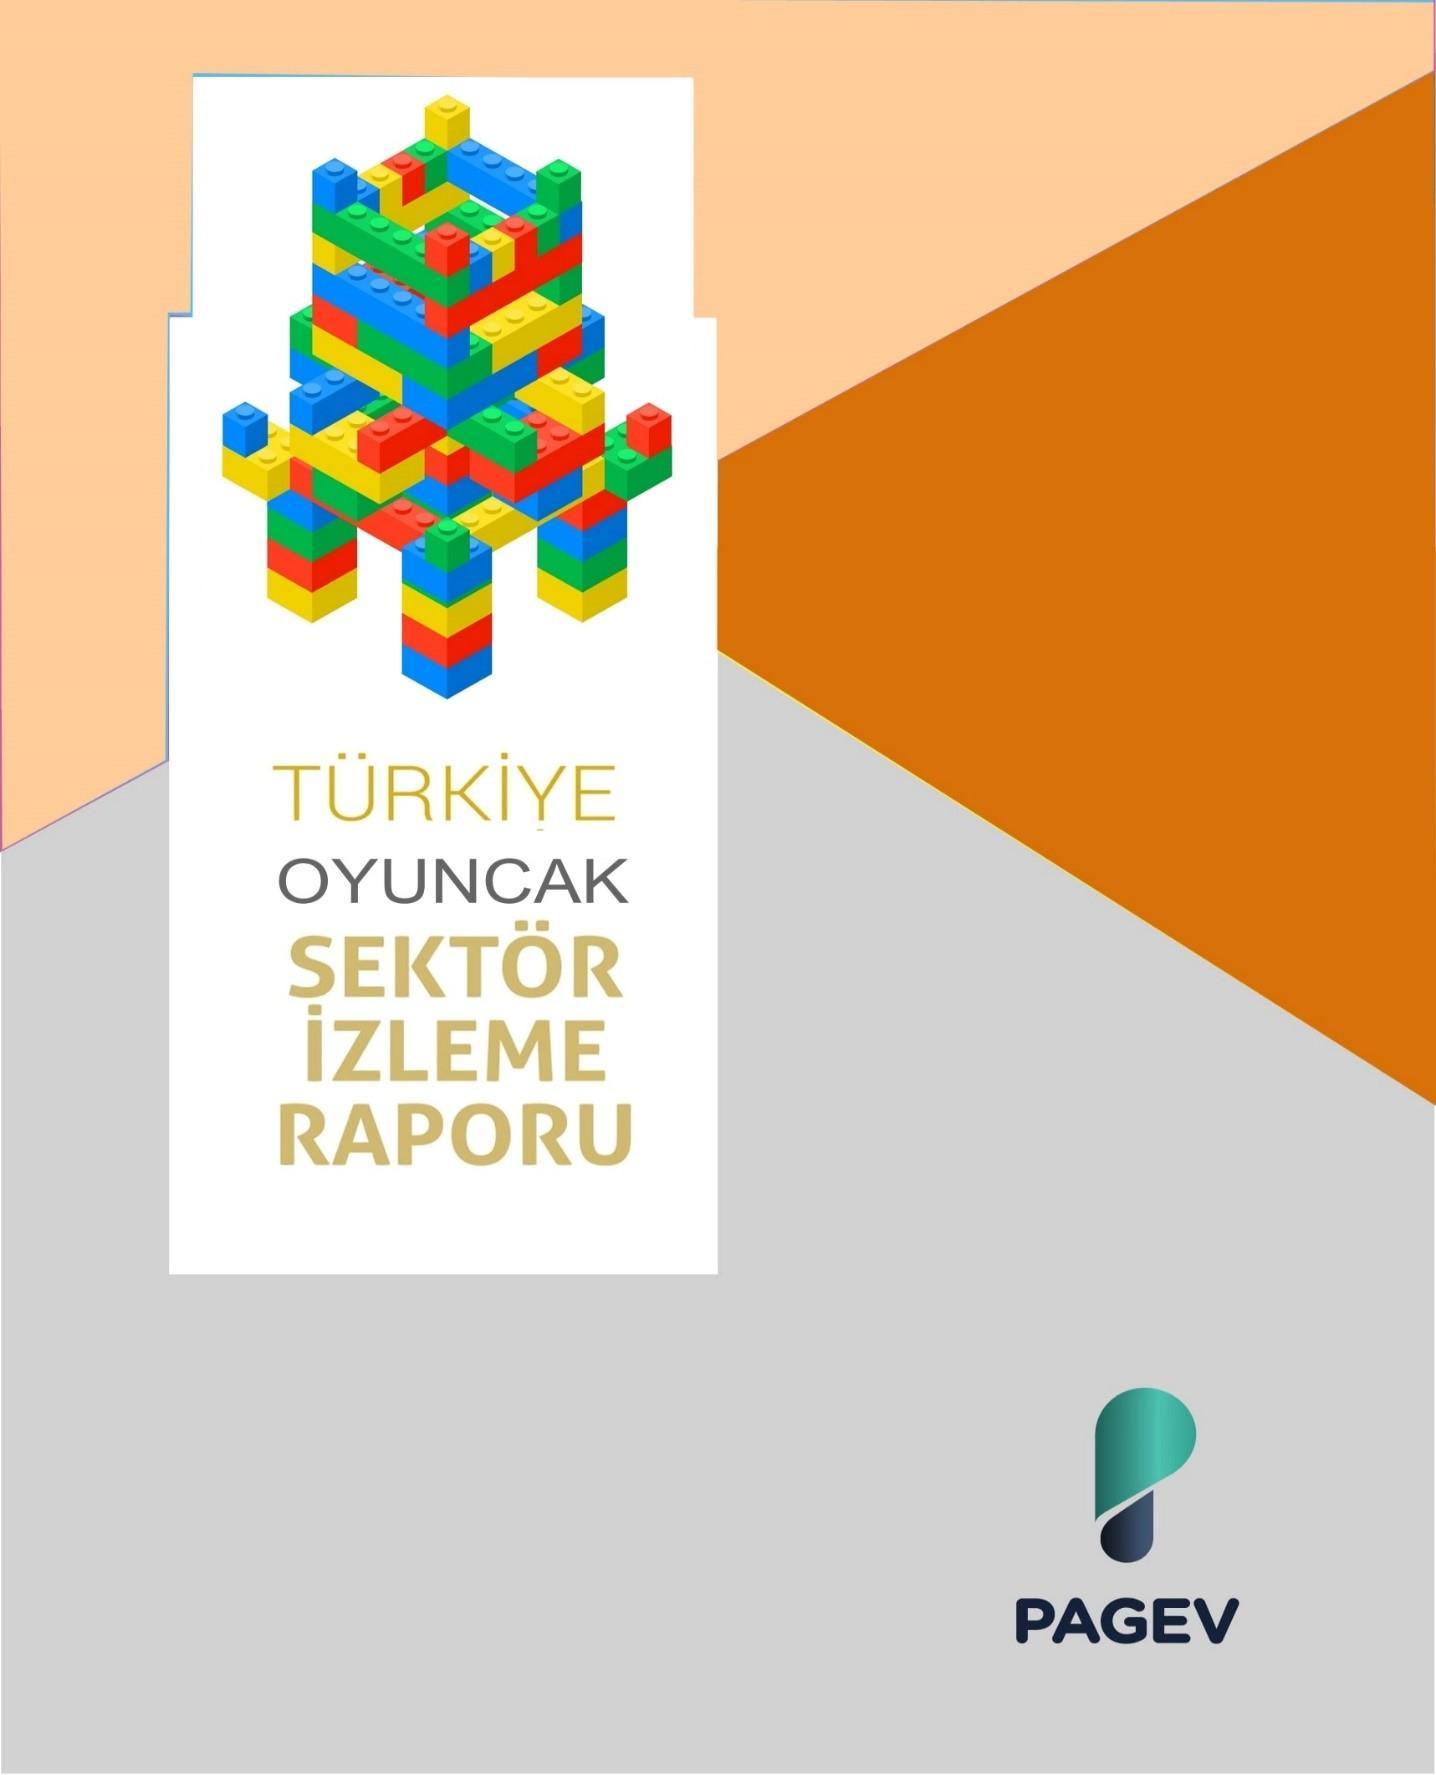 Türkiye Oyuncak Sektör İzleme Raporu - 2019/6